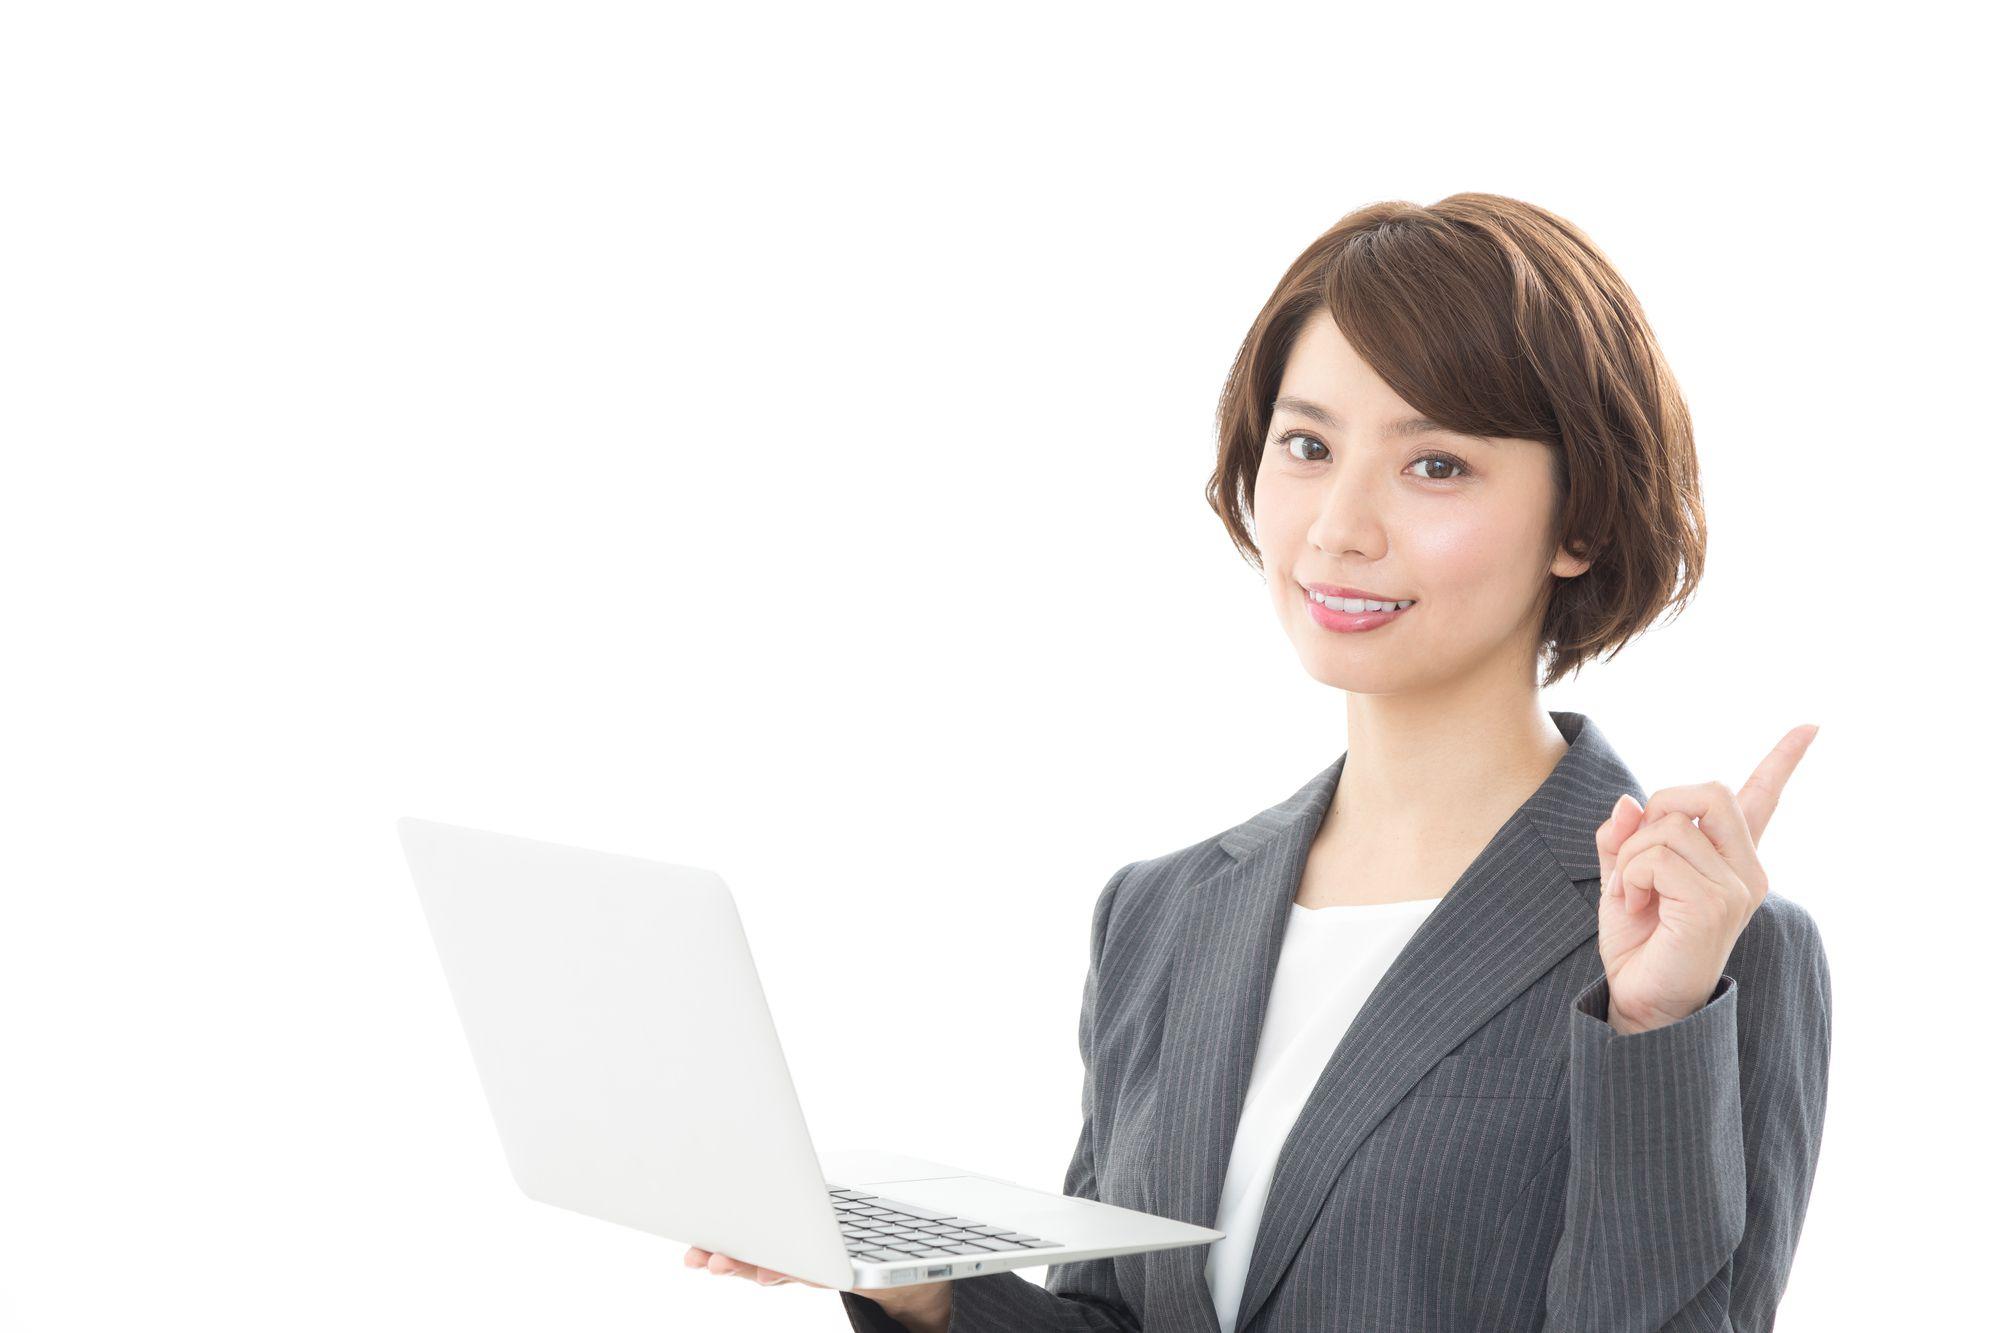 リスト販売業者から得られる個人リストの使い道